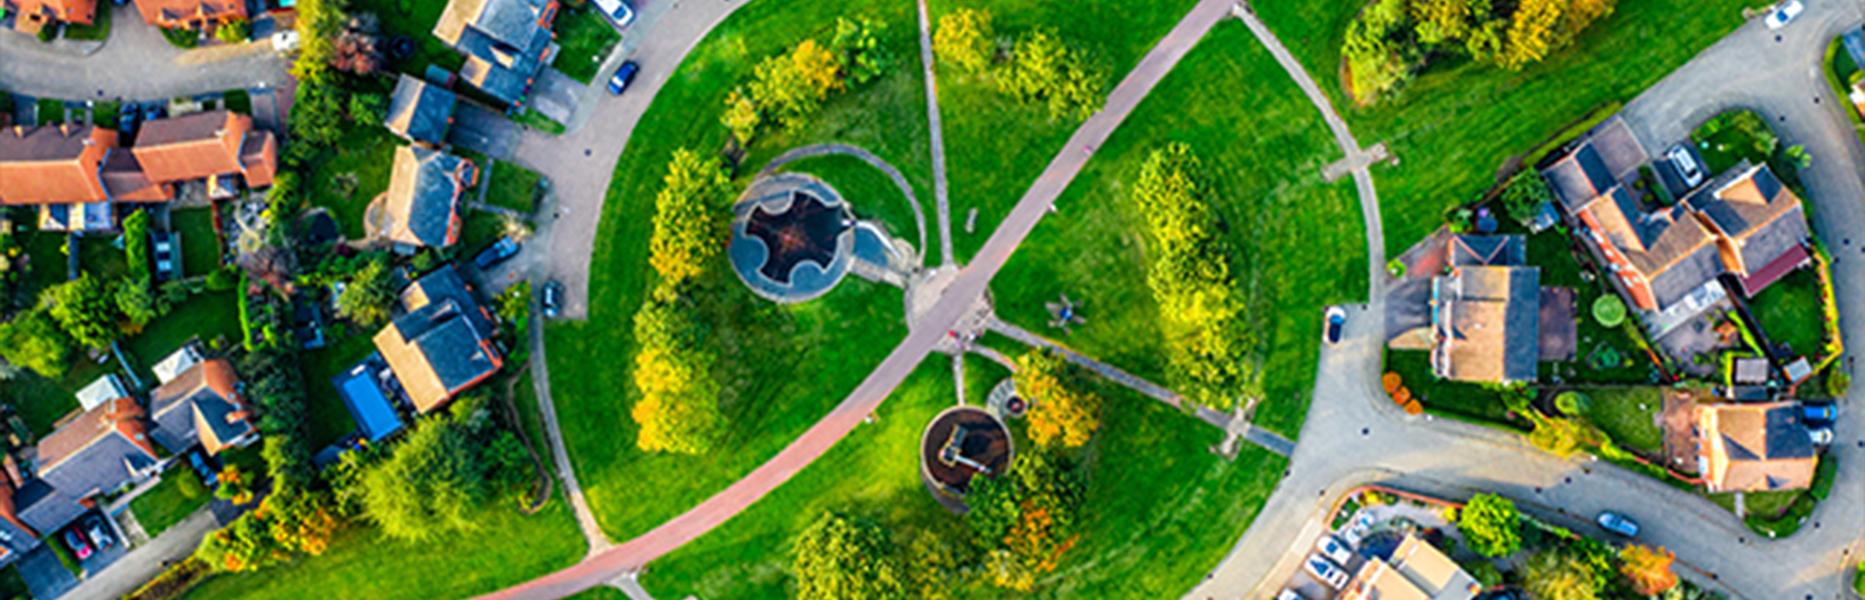 Ground Maintenance Safety Equipment